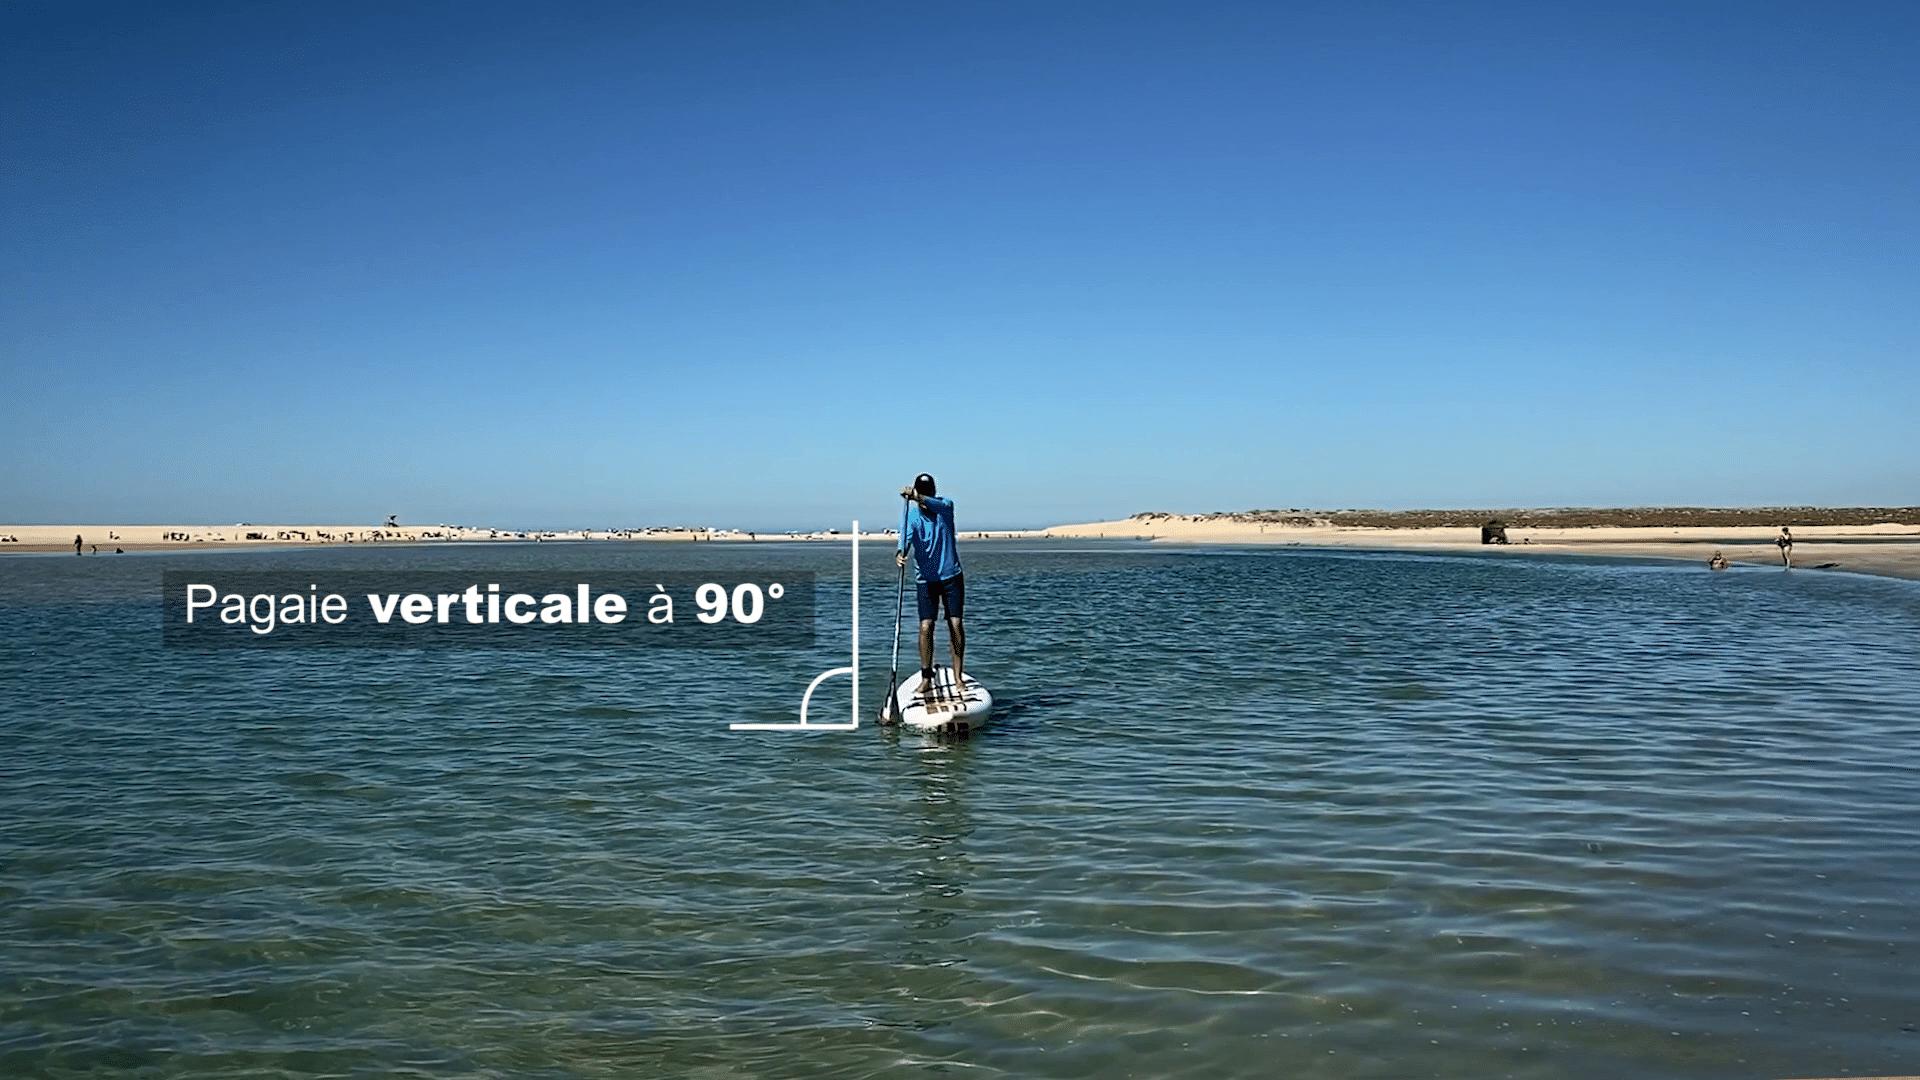 pagaie verticale en paddle